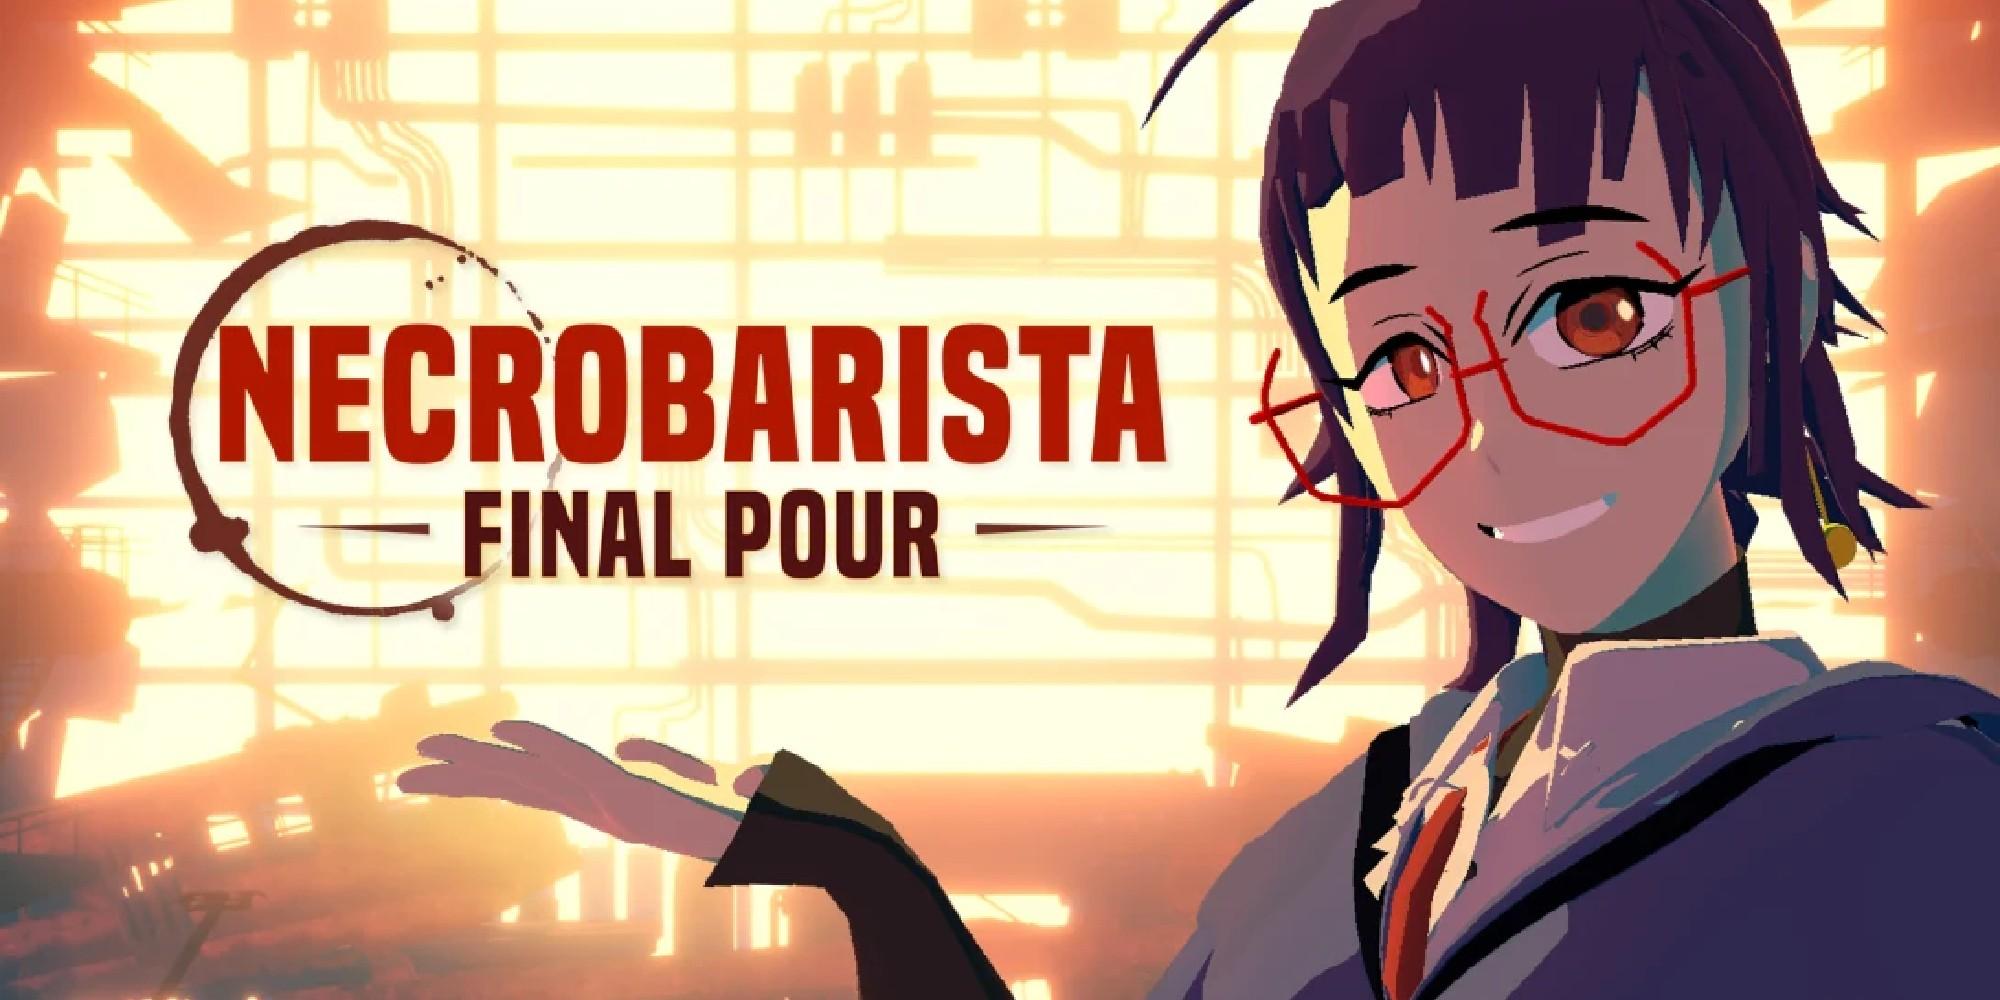 Necrobarista Final Pour Review